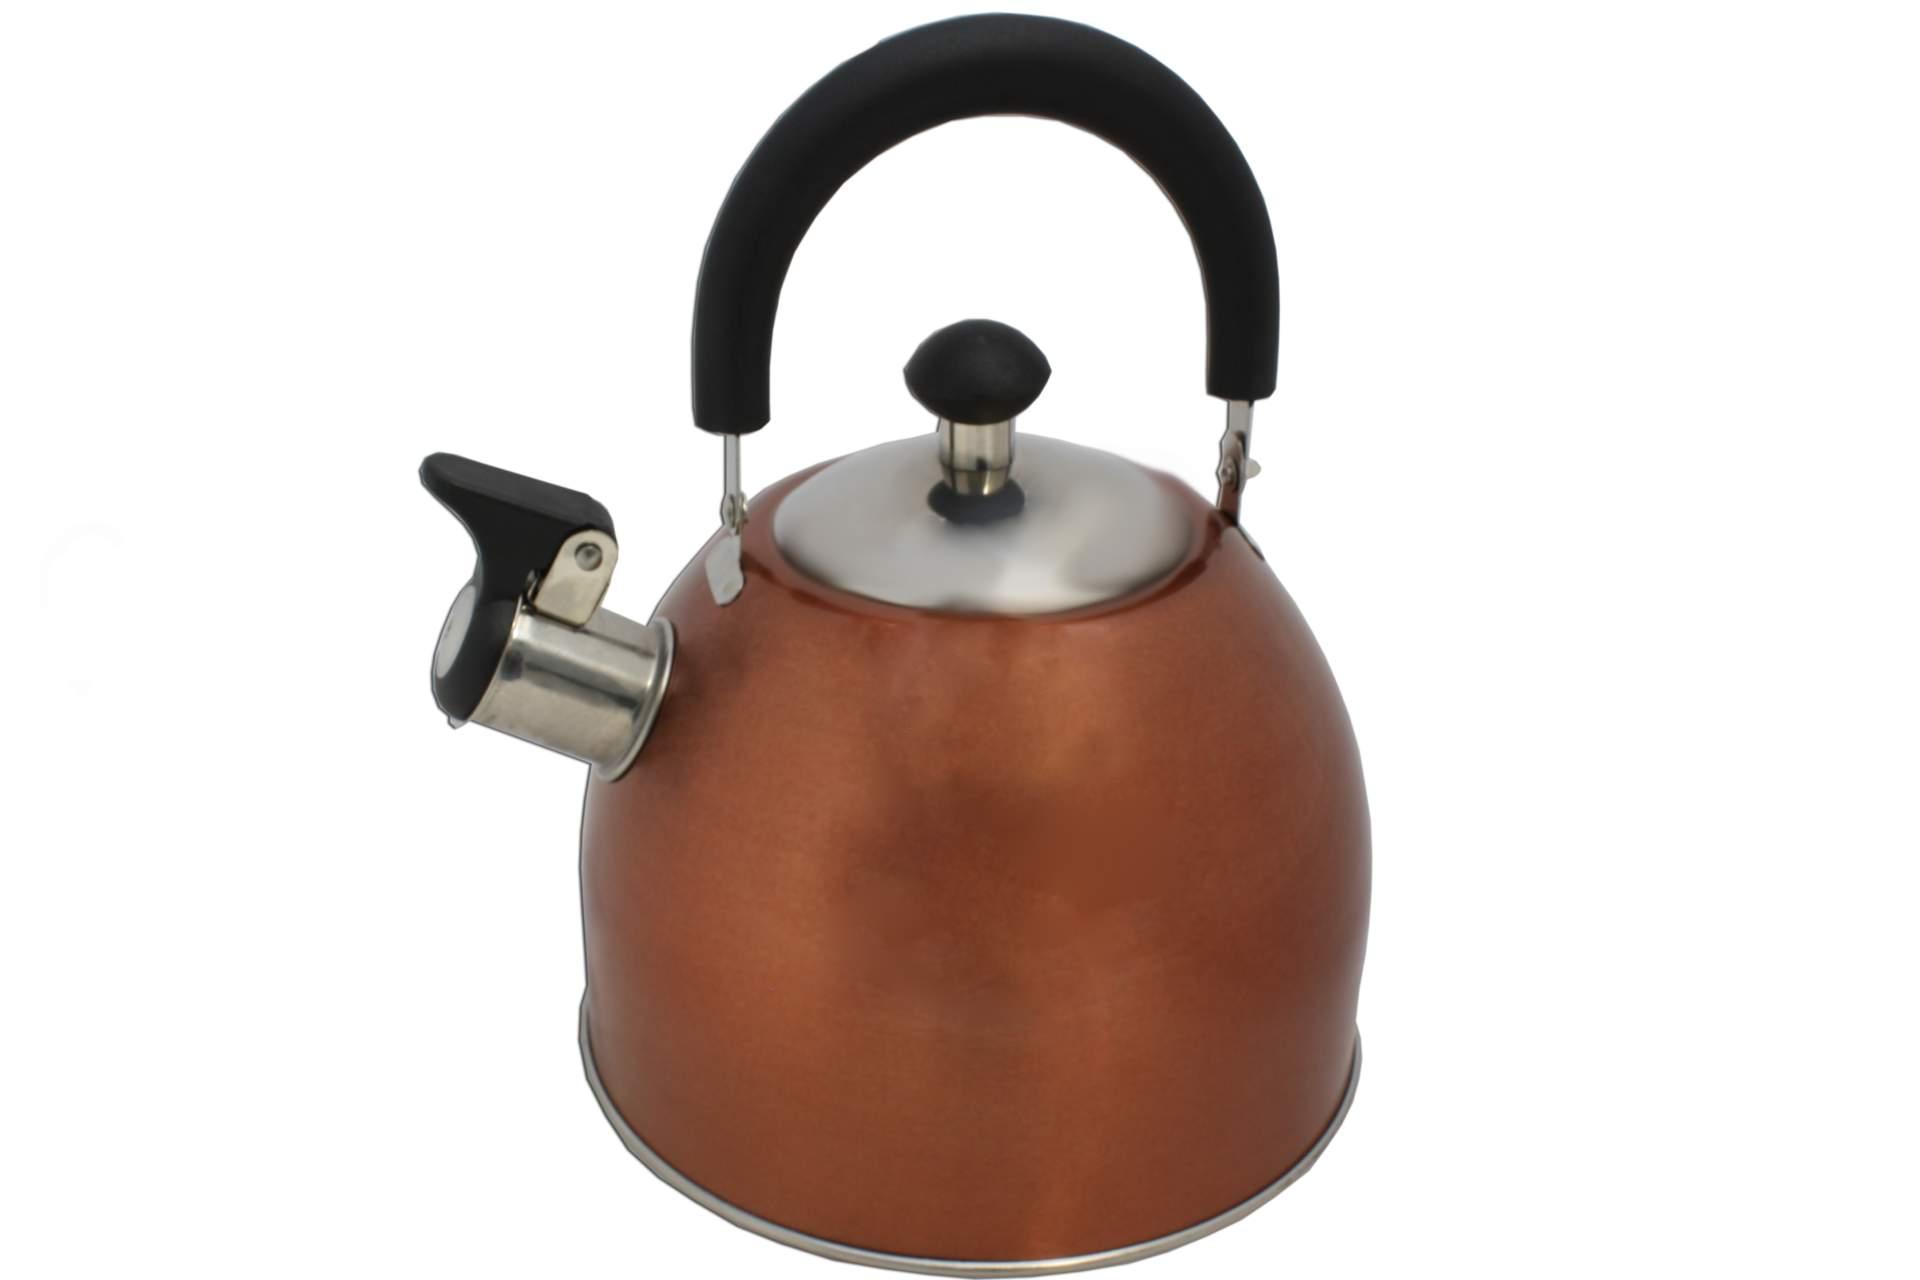 wasserkessel bronze aus edelstahl mit pfeife und deckel 2 5 liter wasser kessel ebay. Black Bedroom Furniture Sets. Home Design Ideas